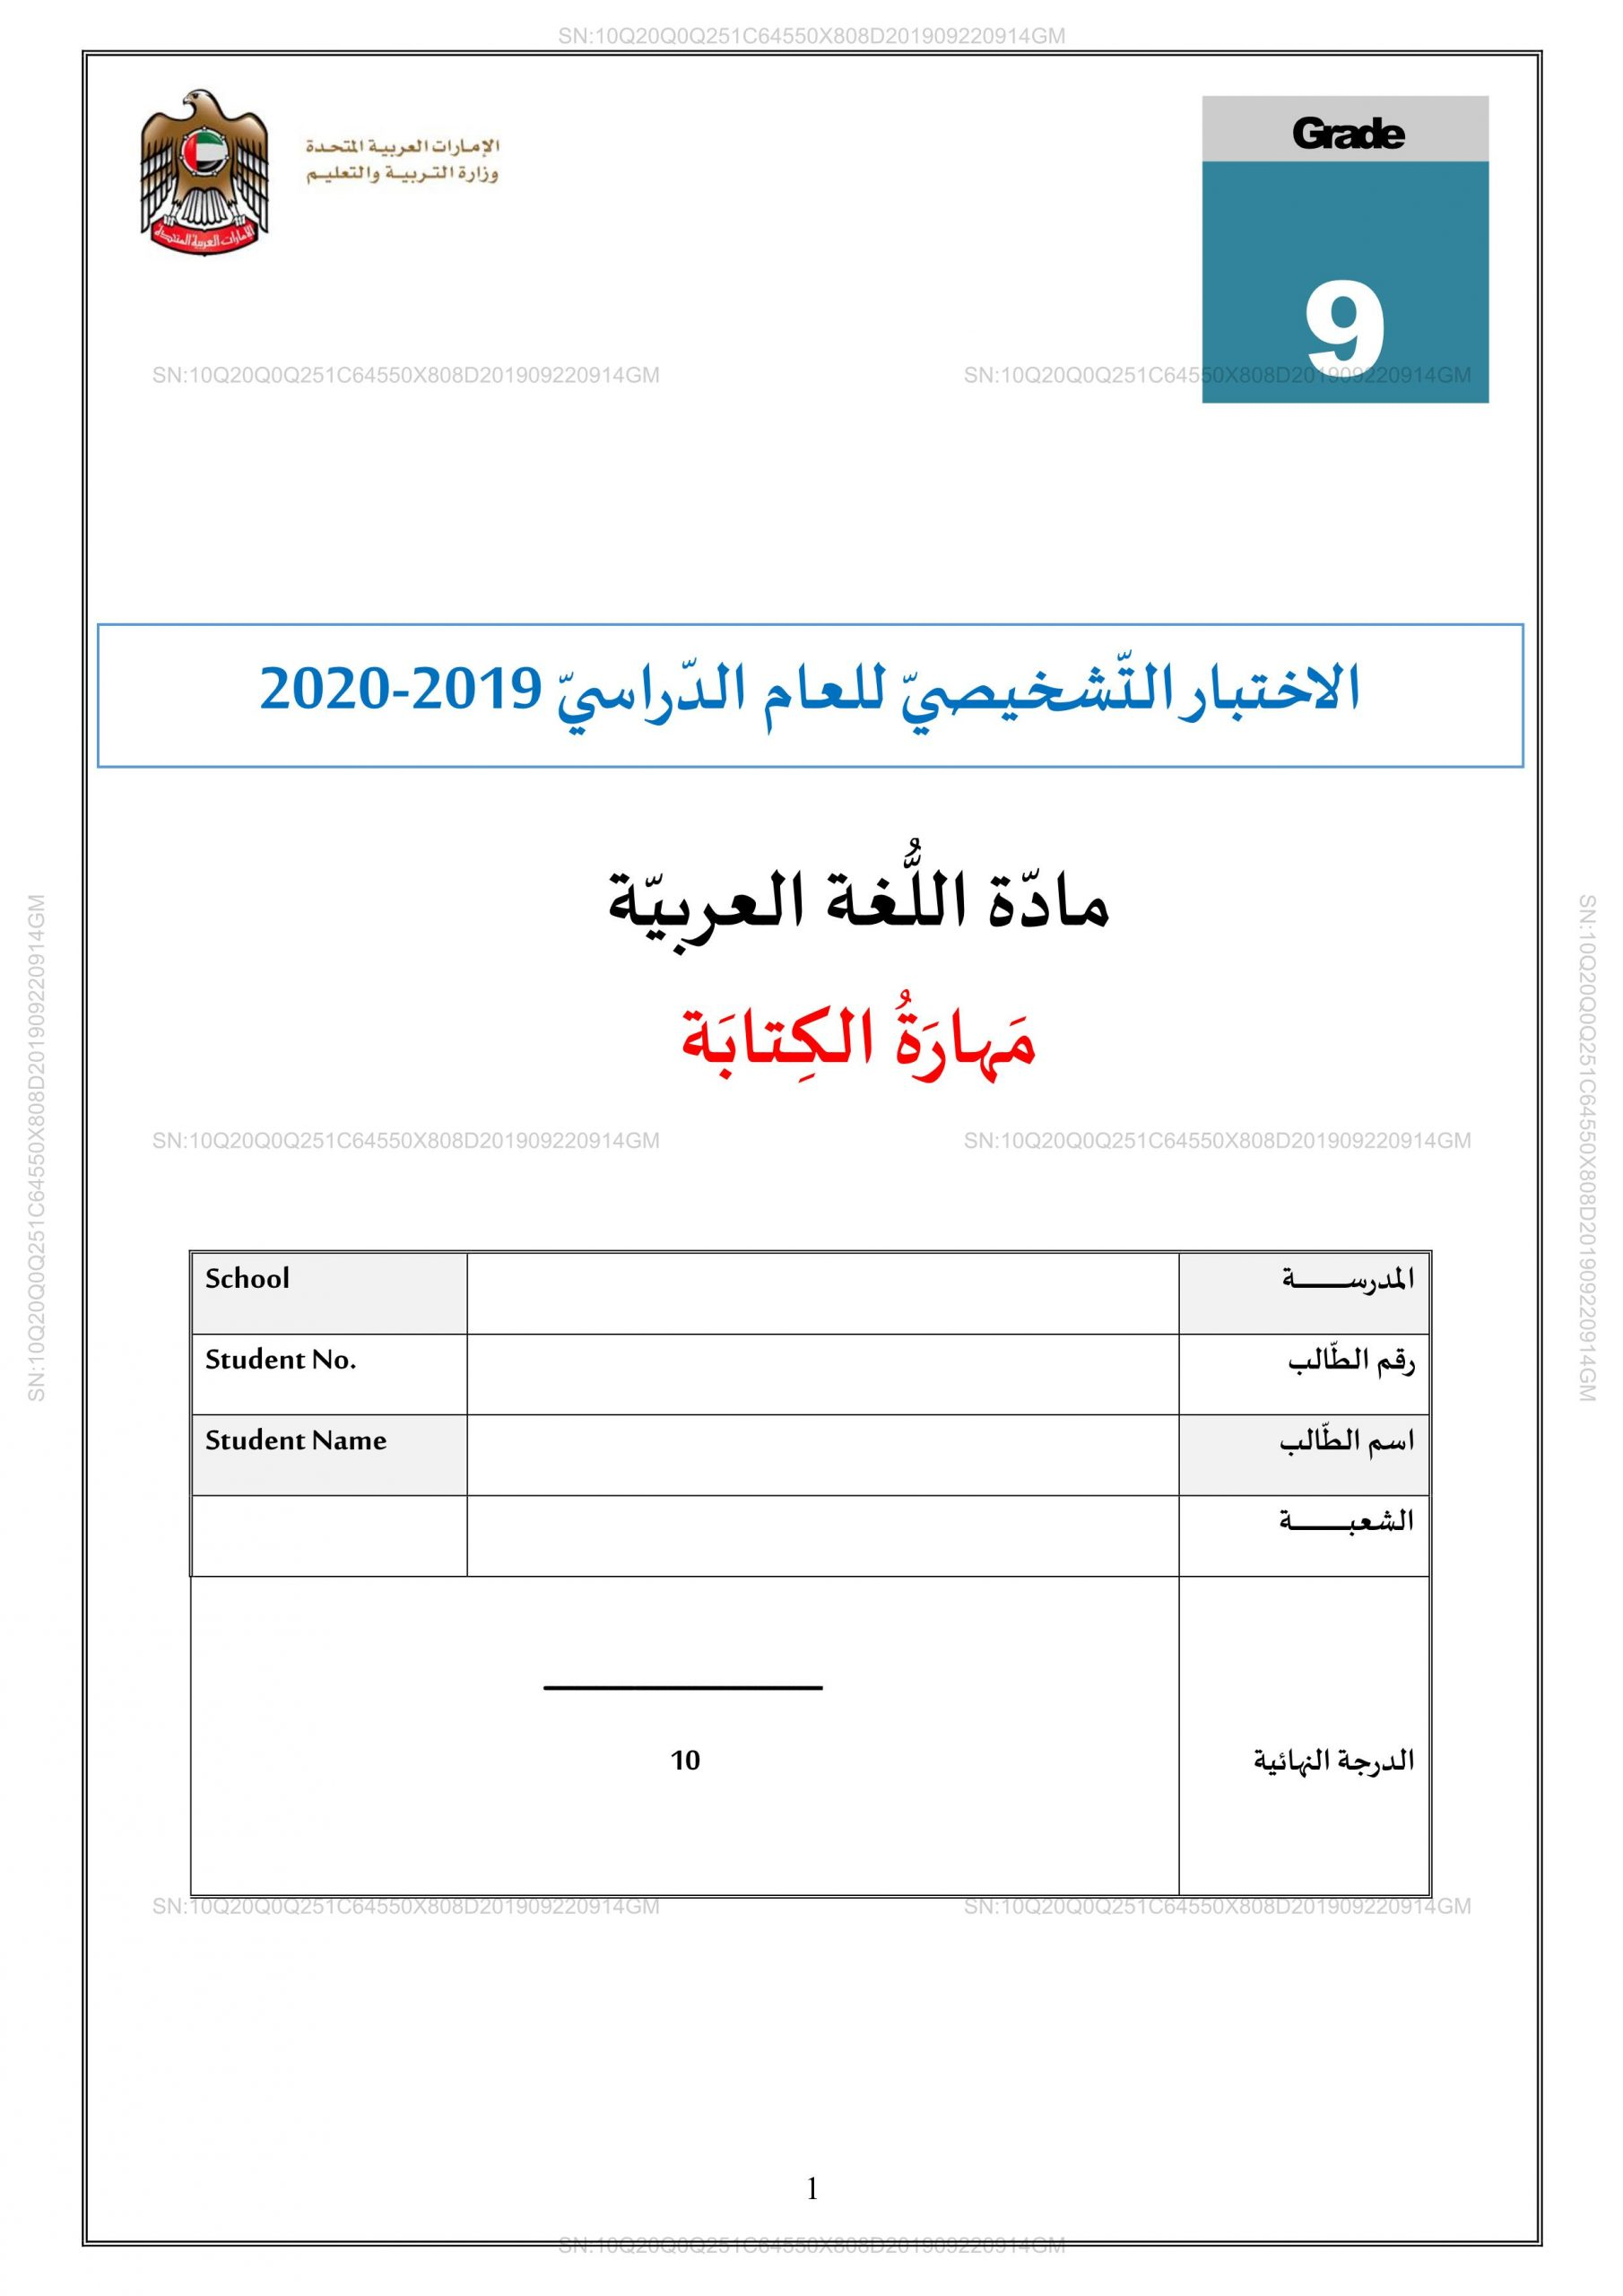 الاختبار التشخيصي مهارة الكتابة للصف التاسع مادة اللغة العربية